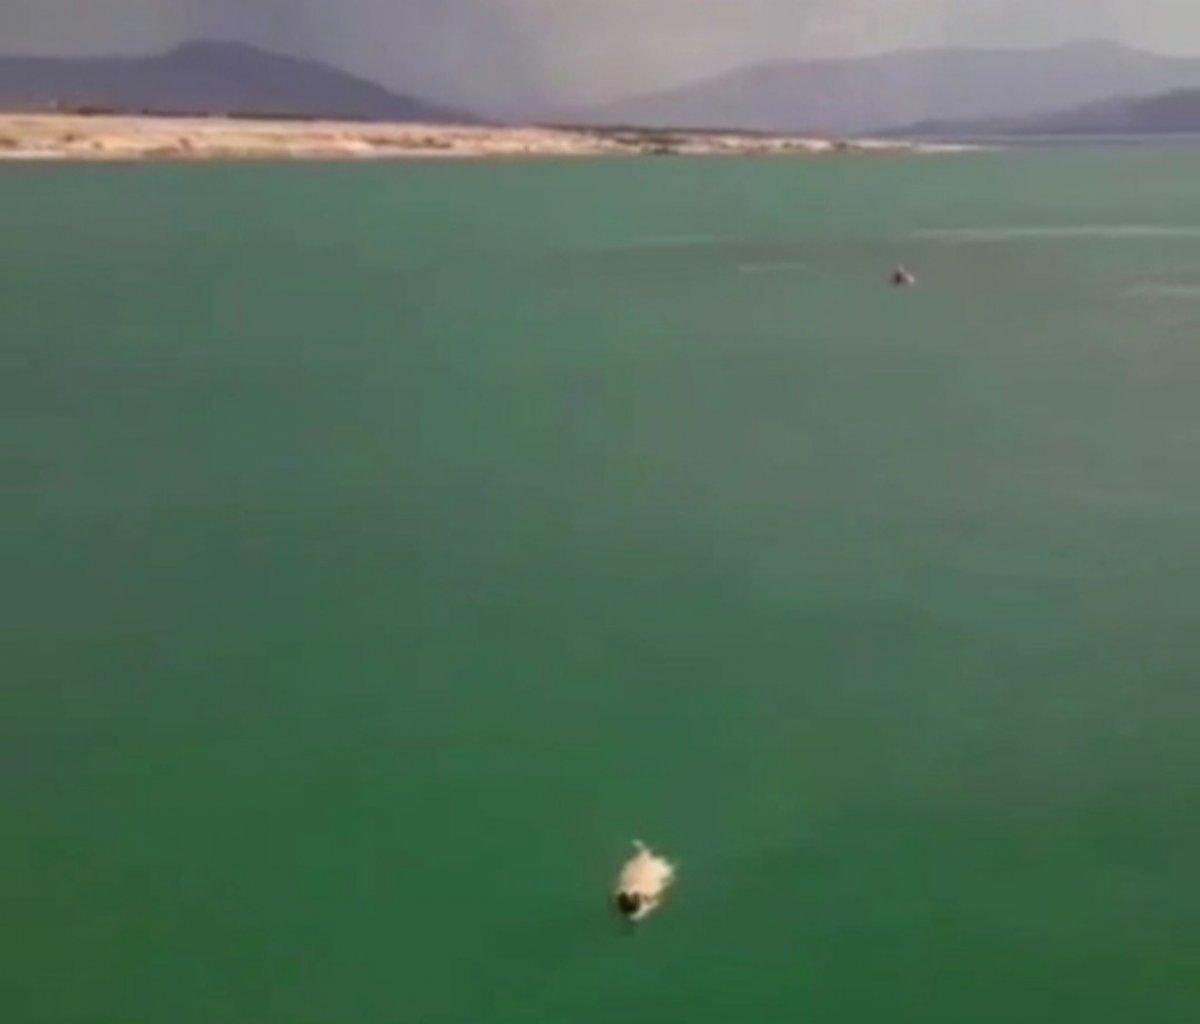 Elazığ'da köpeği kurtarmak için girdiği gölde mahsur kaldı #1